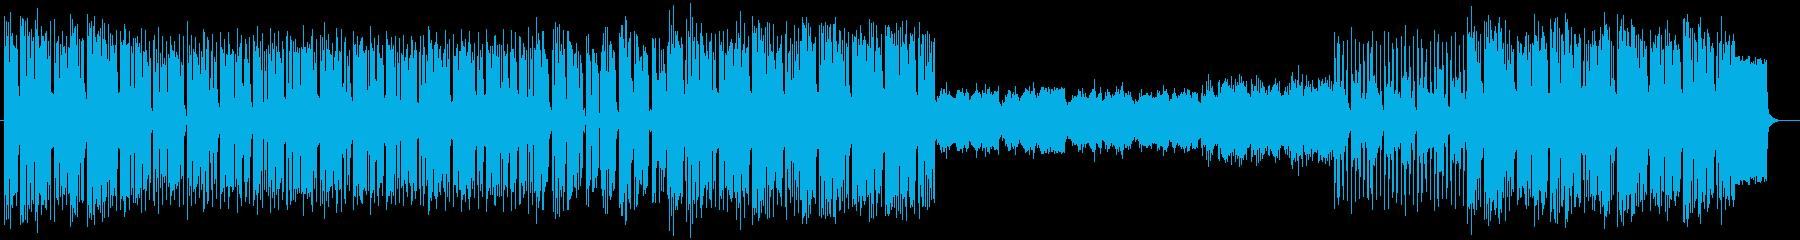 爽やかなピアノポップスの再生済みの波形